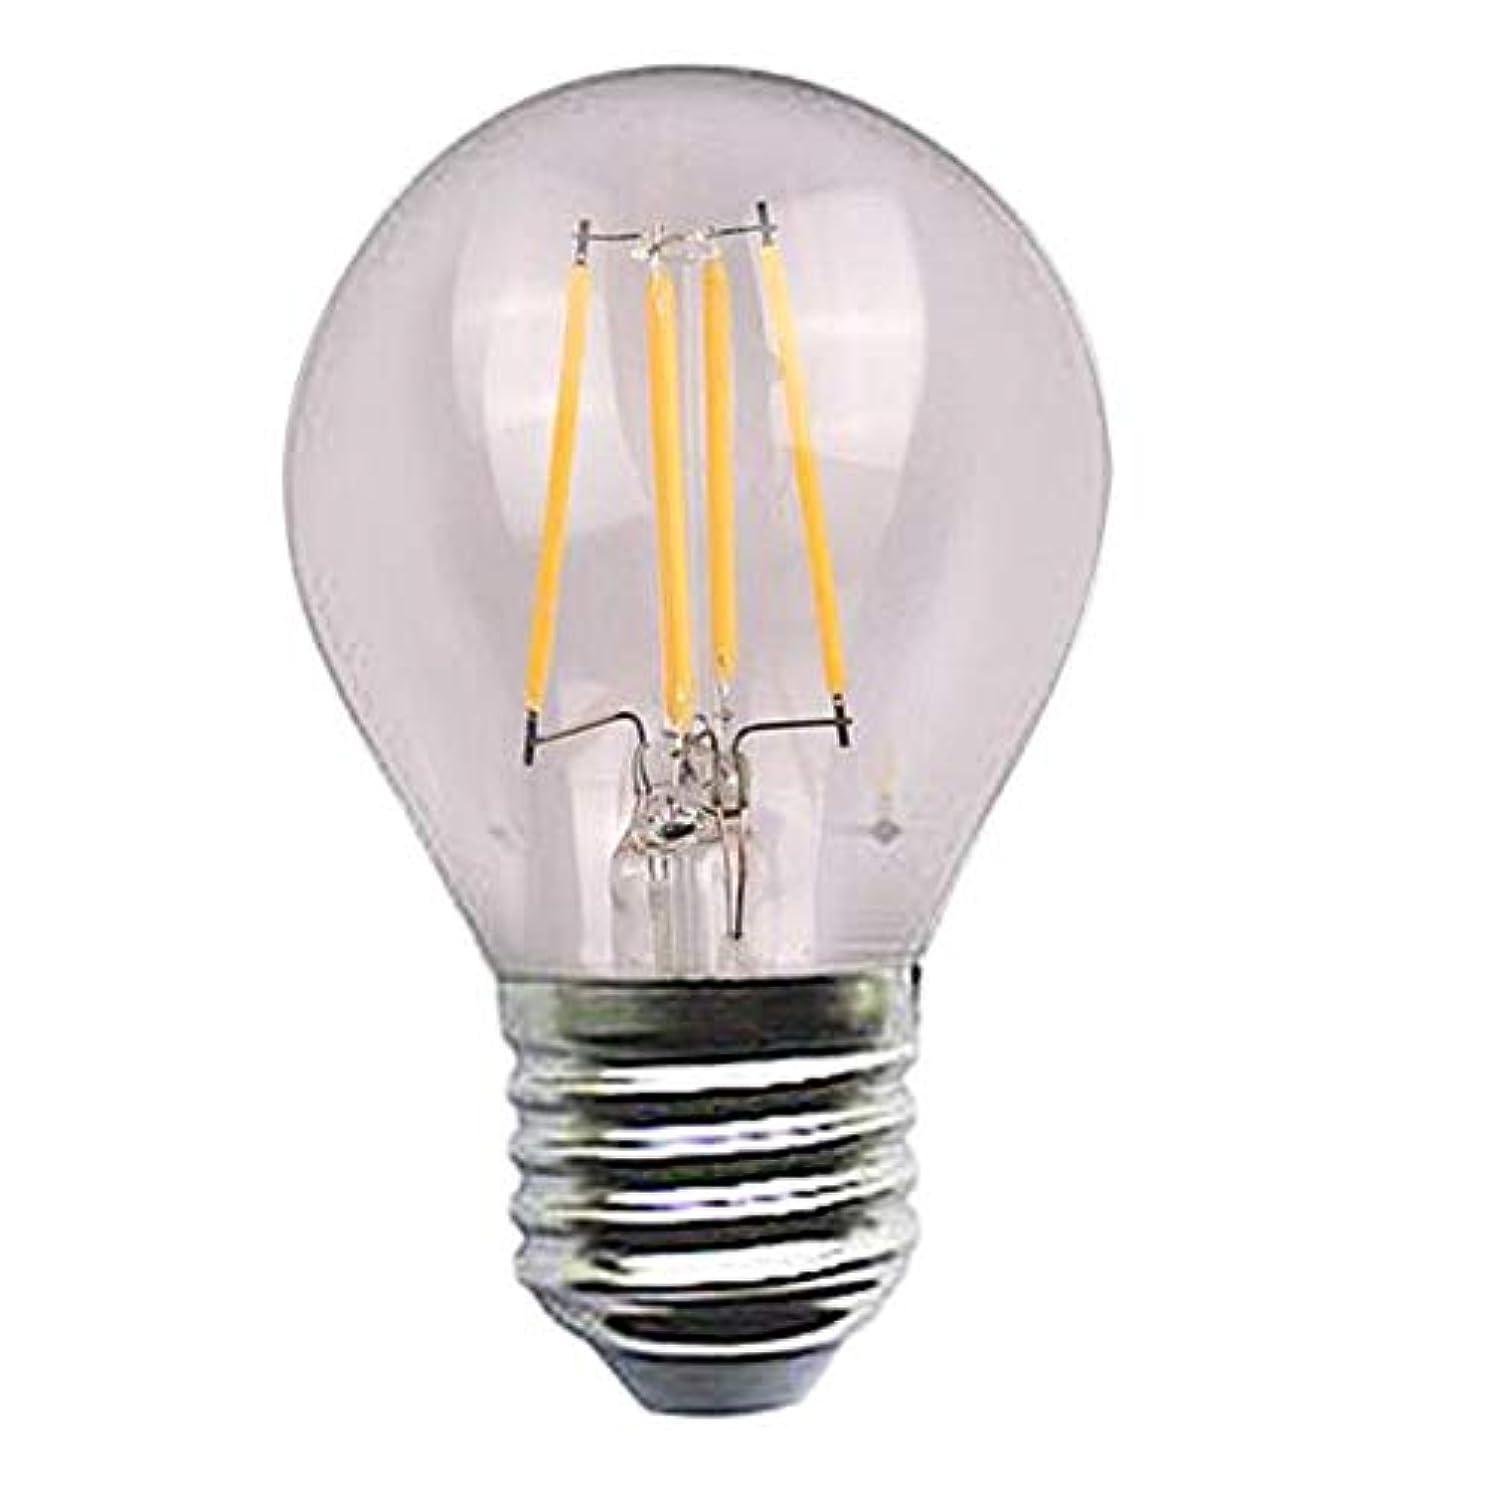 平野詩人聞きますエジソンはフィラメントシリーズ球根4w 110-220vの銀ランプの頭部を導きました